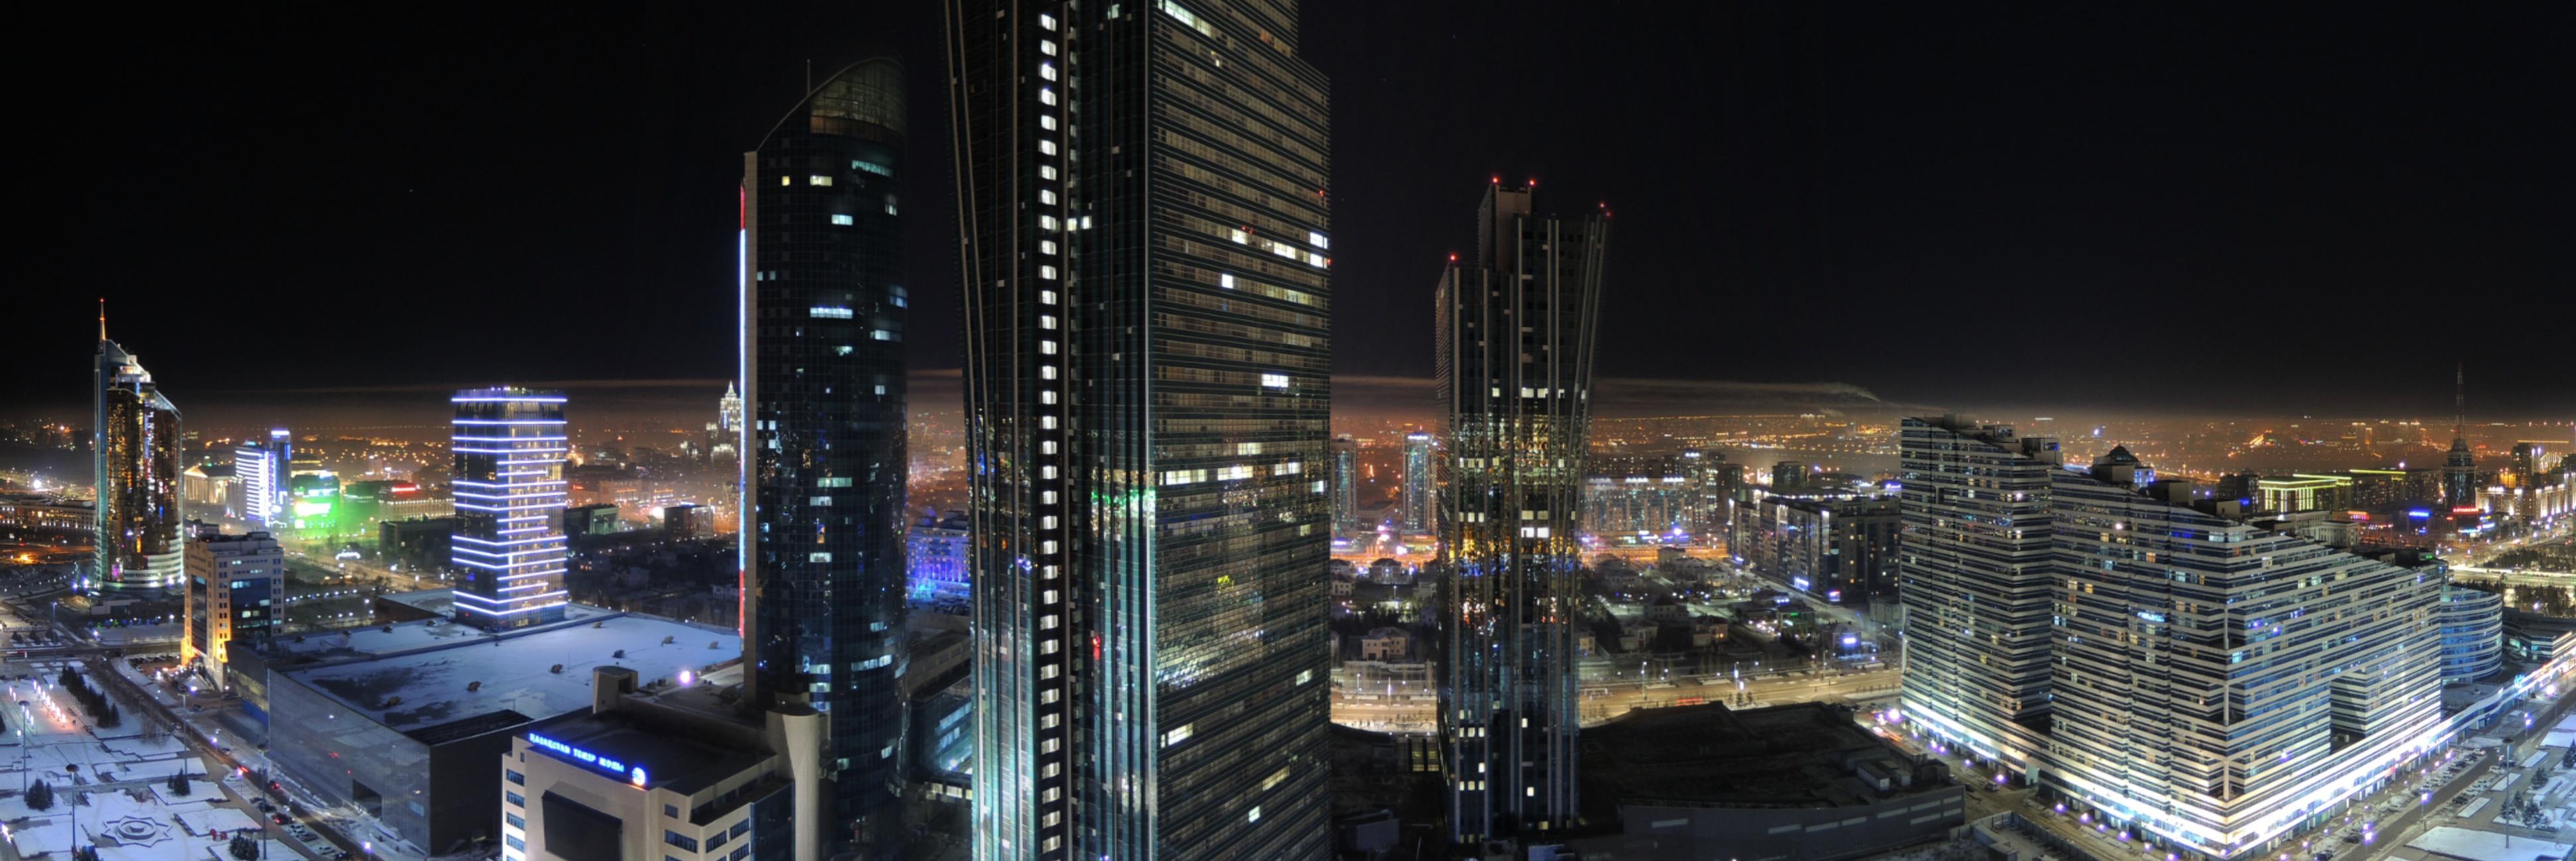 f5f95933f5a54 Mrazivá Astana - Tonicove Cesty